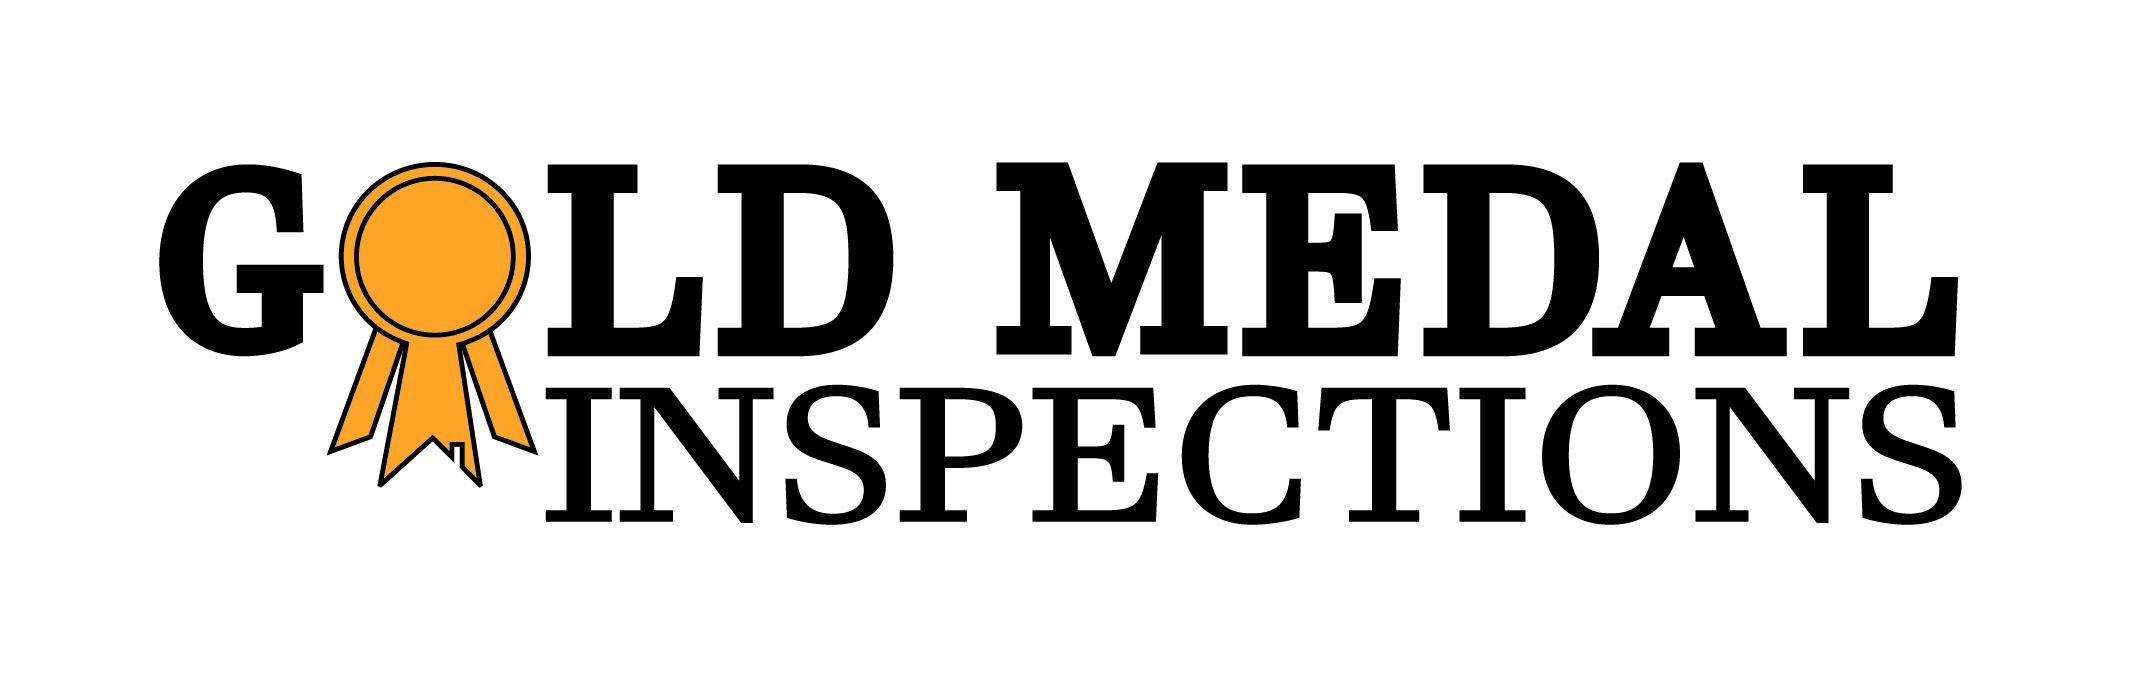 New logo gold medal inspections logo 01